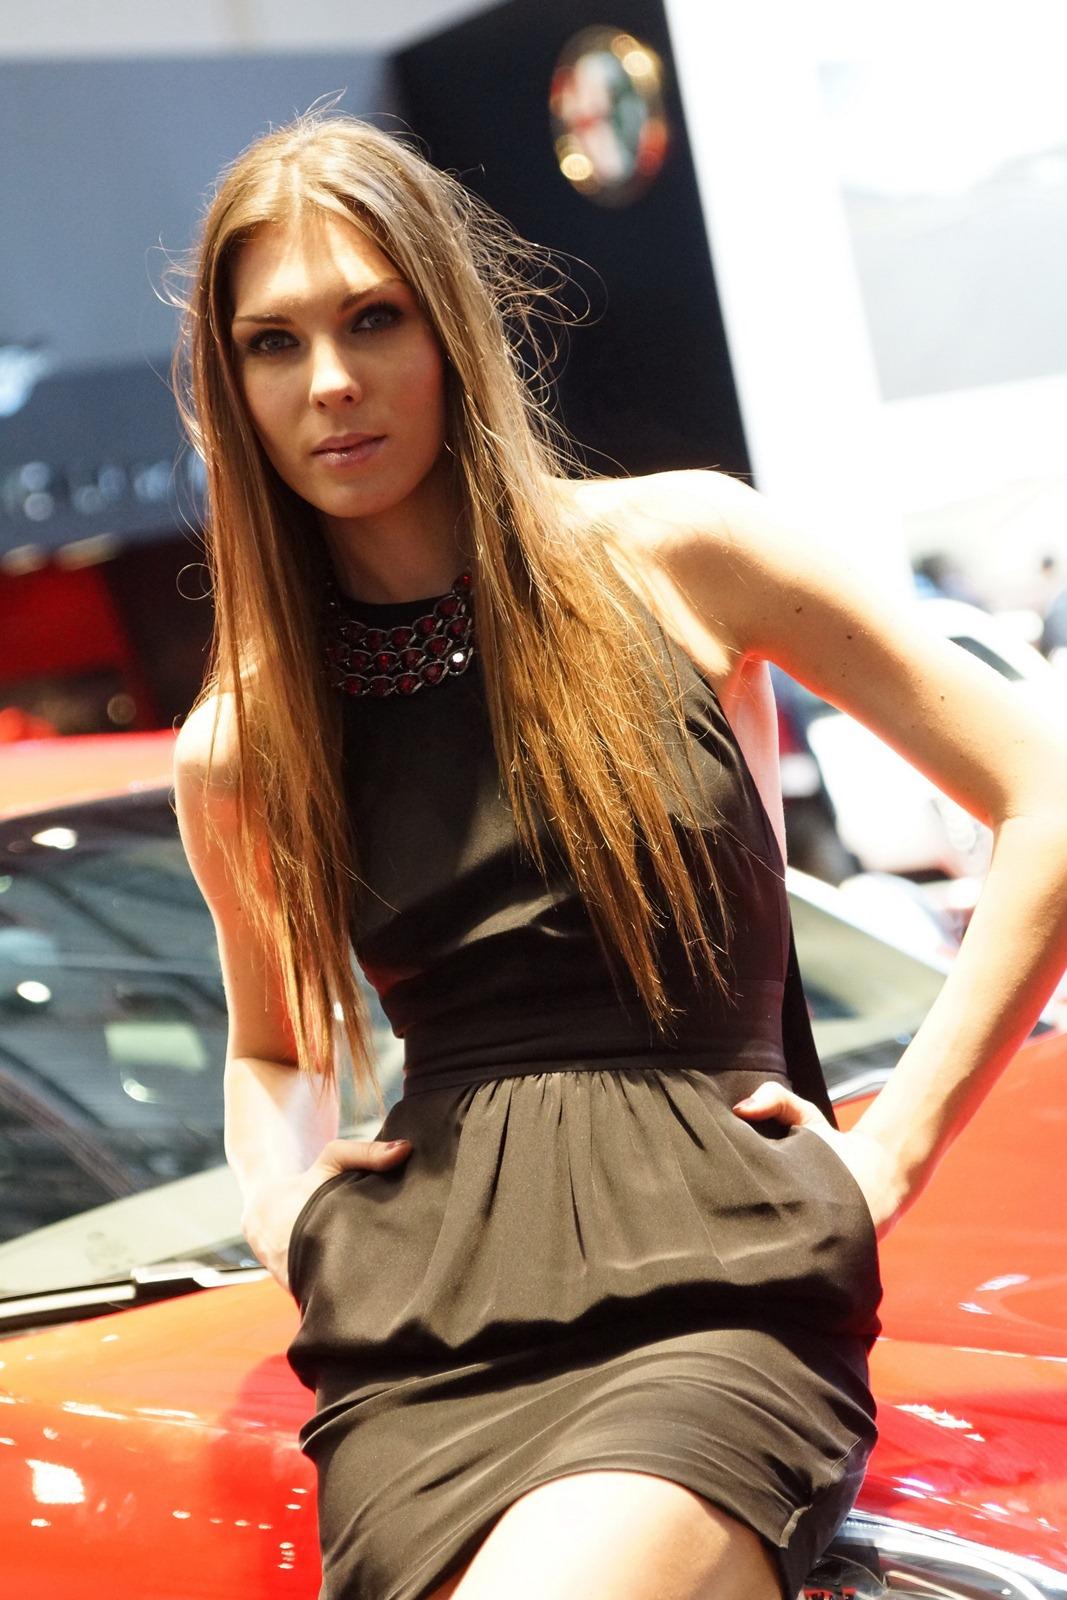 Toyota Of Paris >> 2012 Geneva Motor Show Girls - AutoTribute